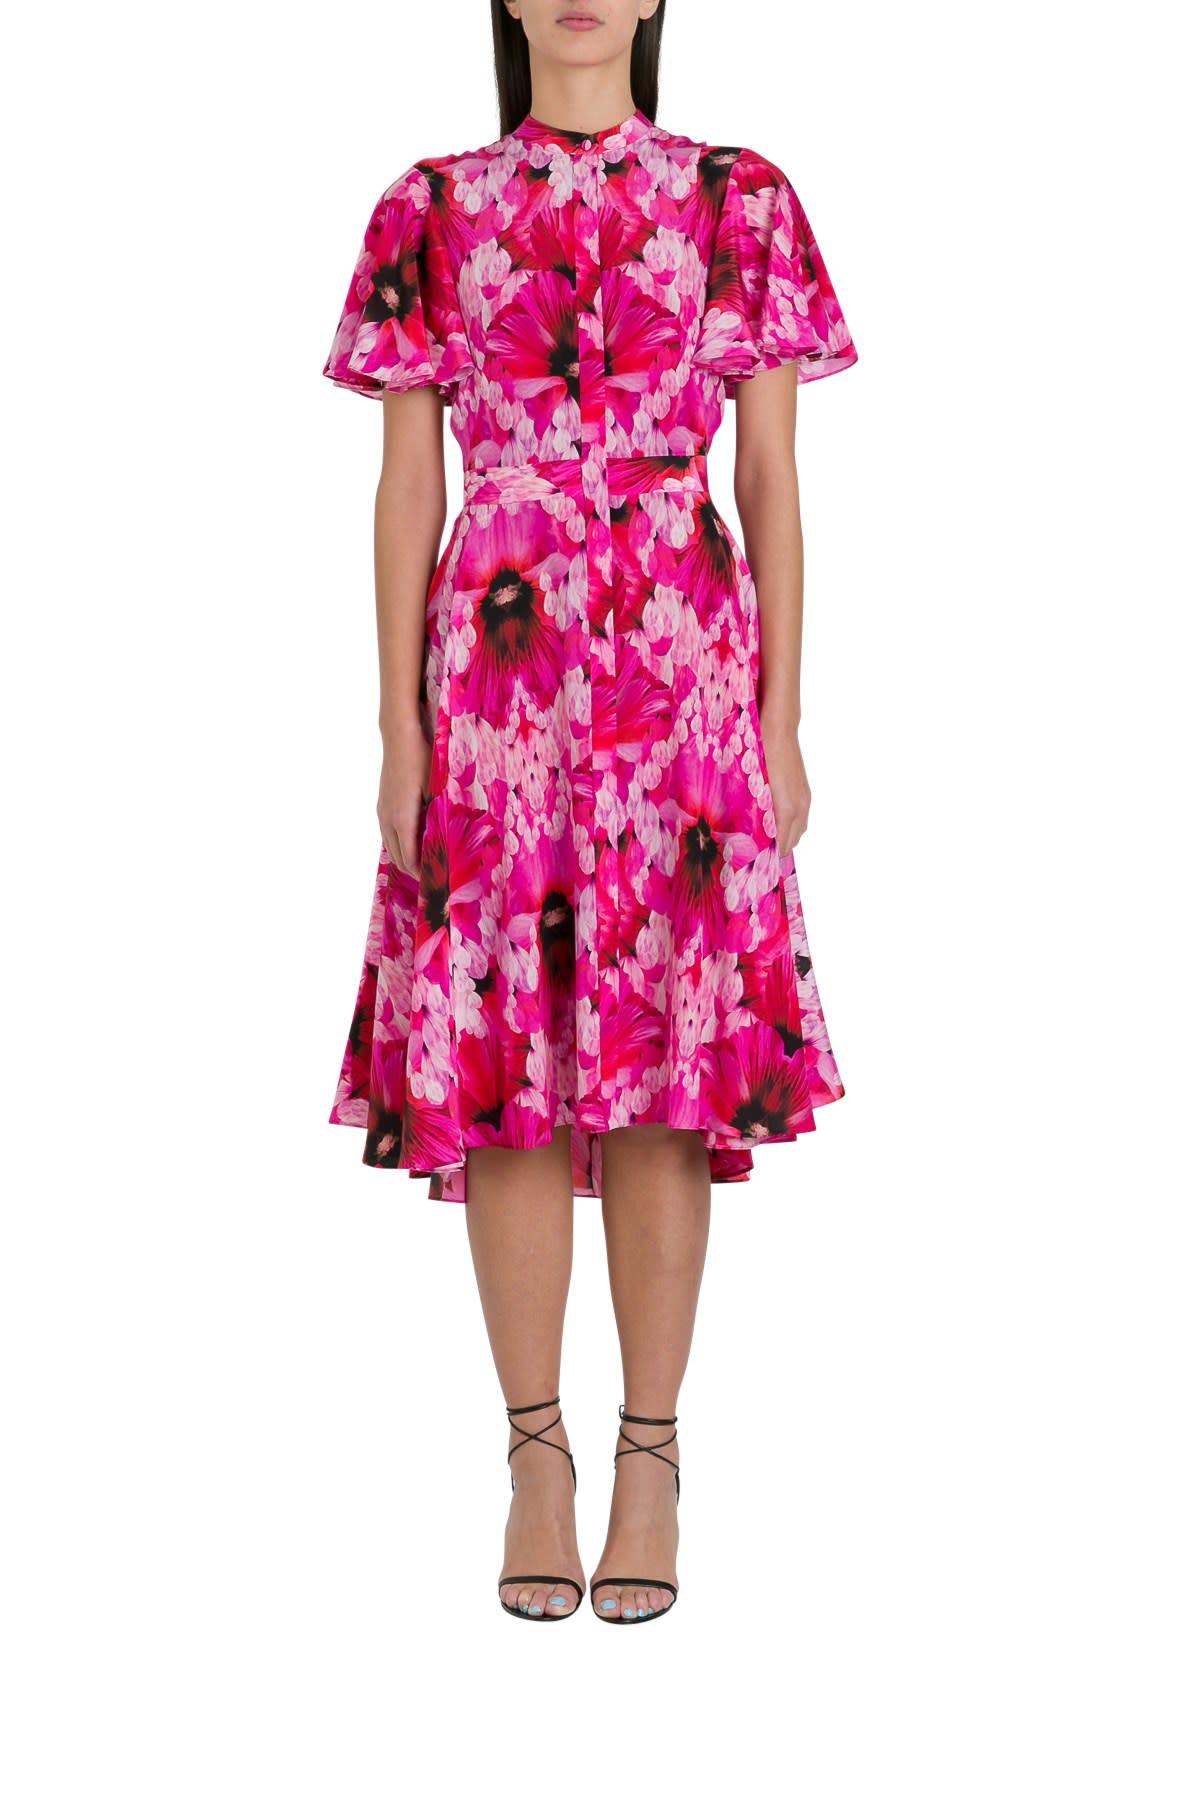 Alexander McQueen Floral Cocktail Dress